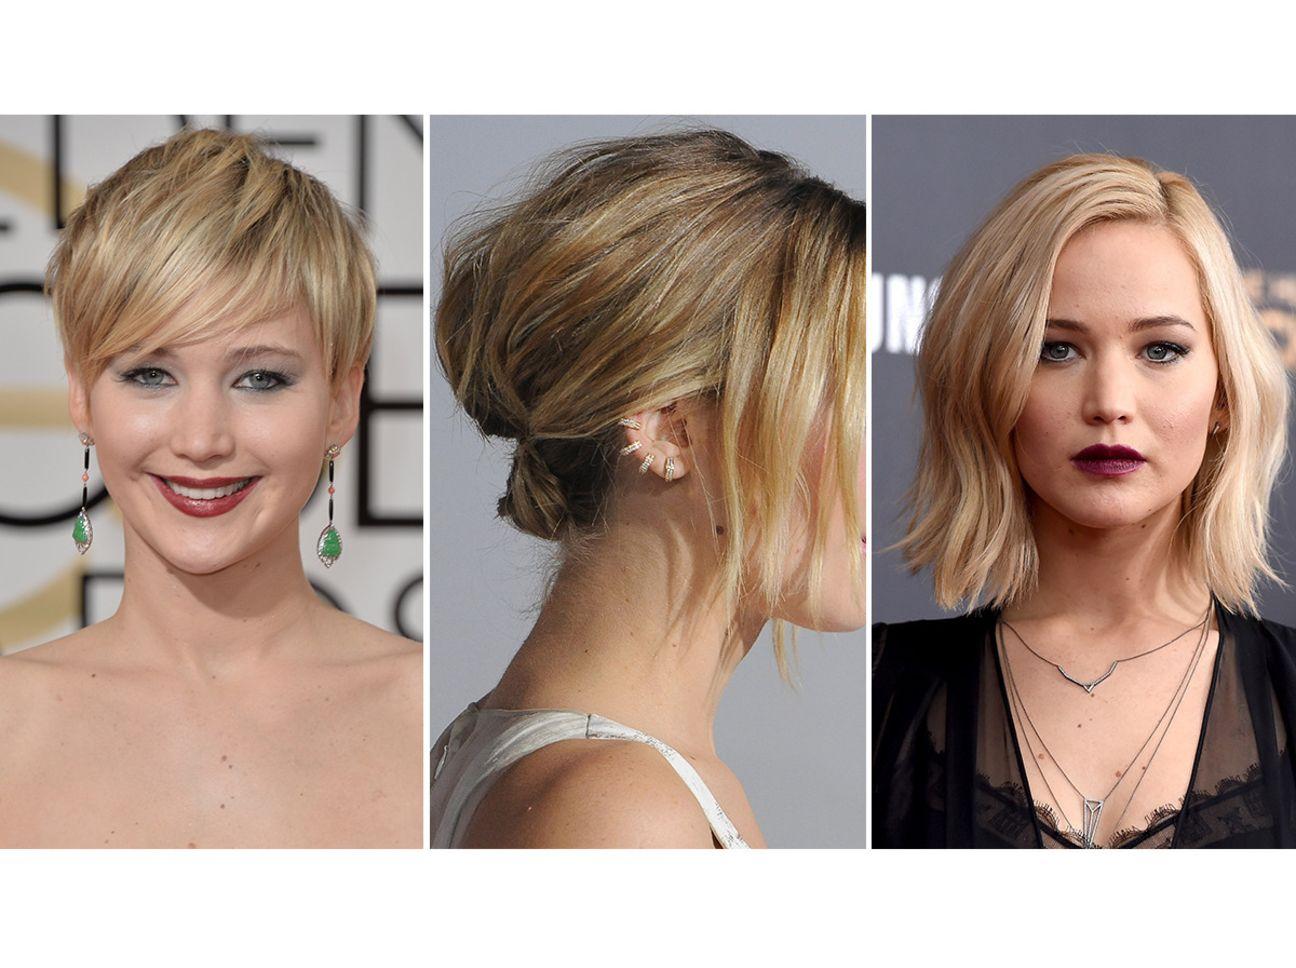 Jennifer Lawrence Ubergangsfrisur Kurze Haare Wachsen Lassen Frisuren Steckfrisuren Kurze Haare Kurzhaarfrisuren